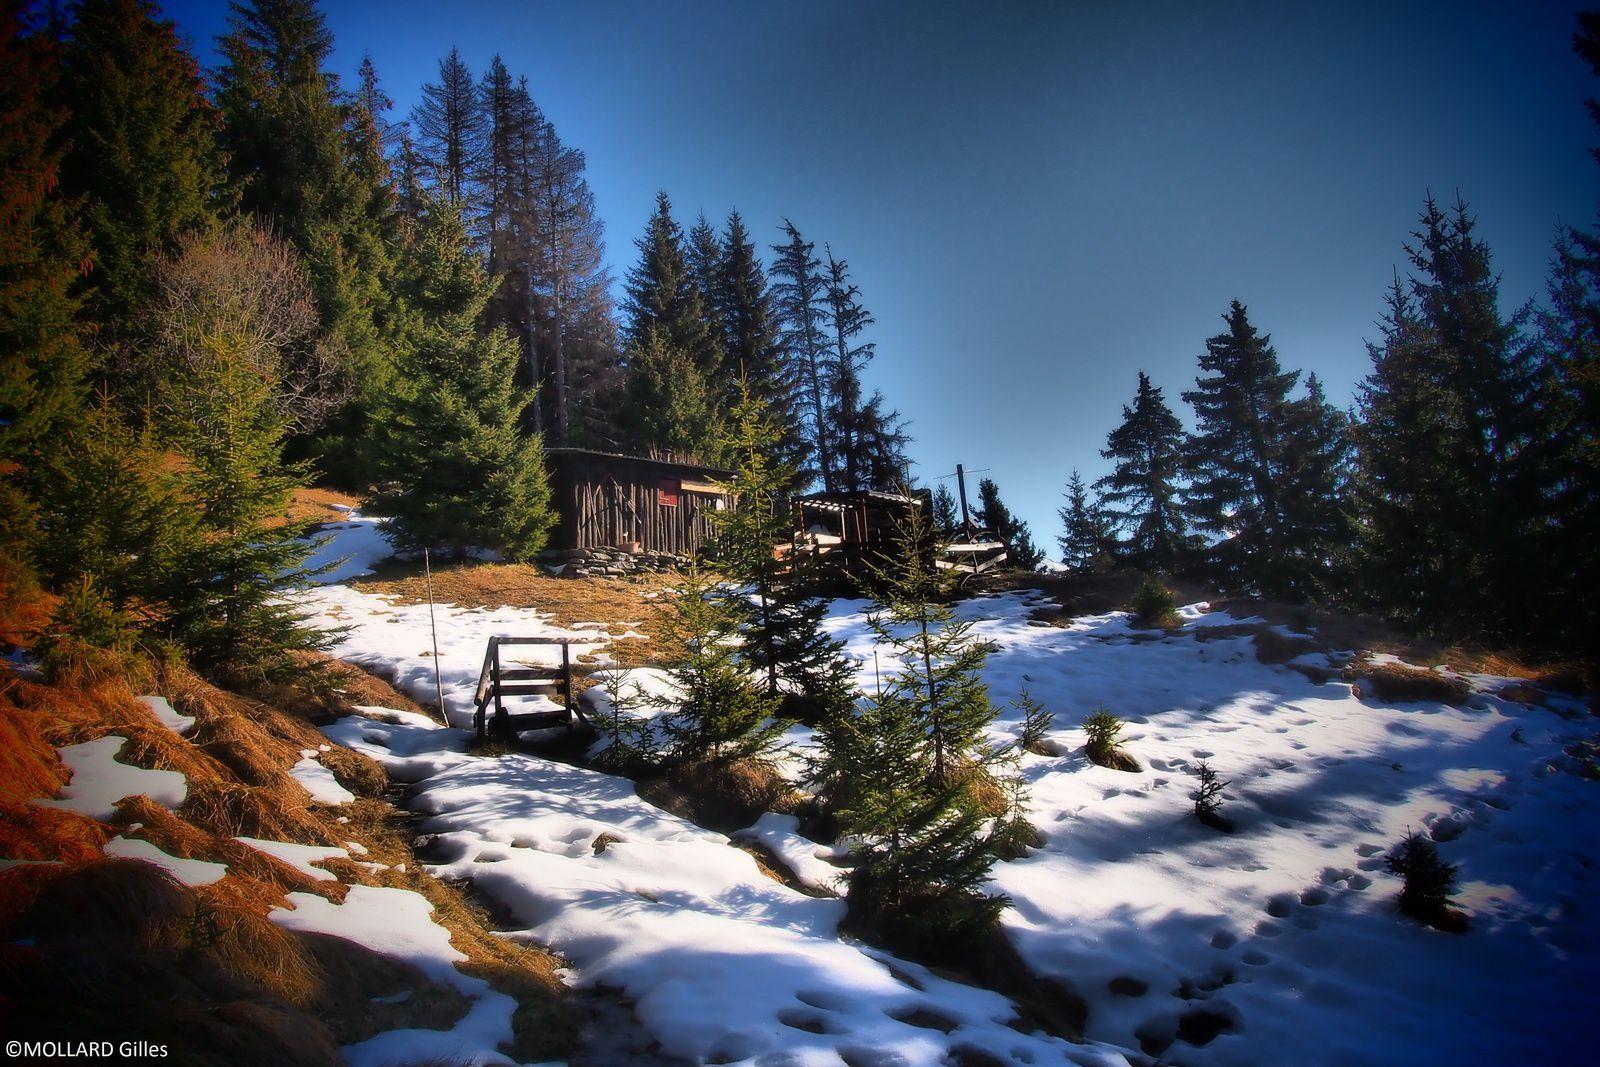 Ballade de décembre,quand l'hiver se fait attendre.